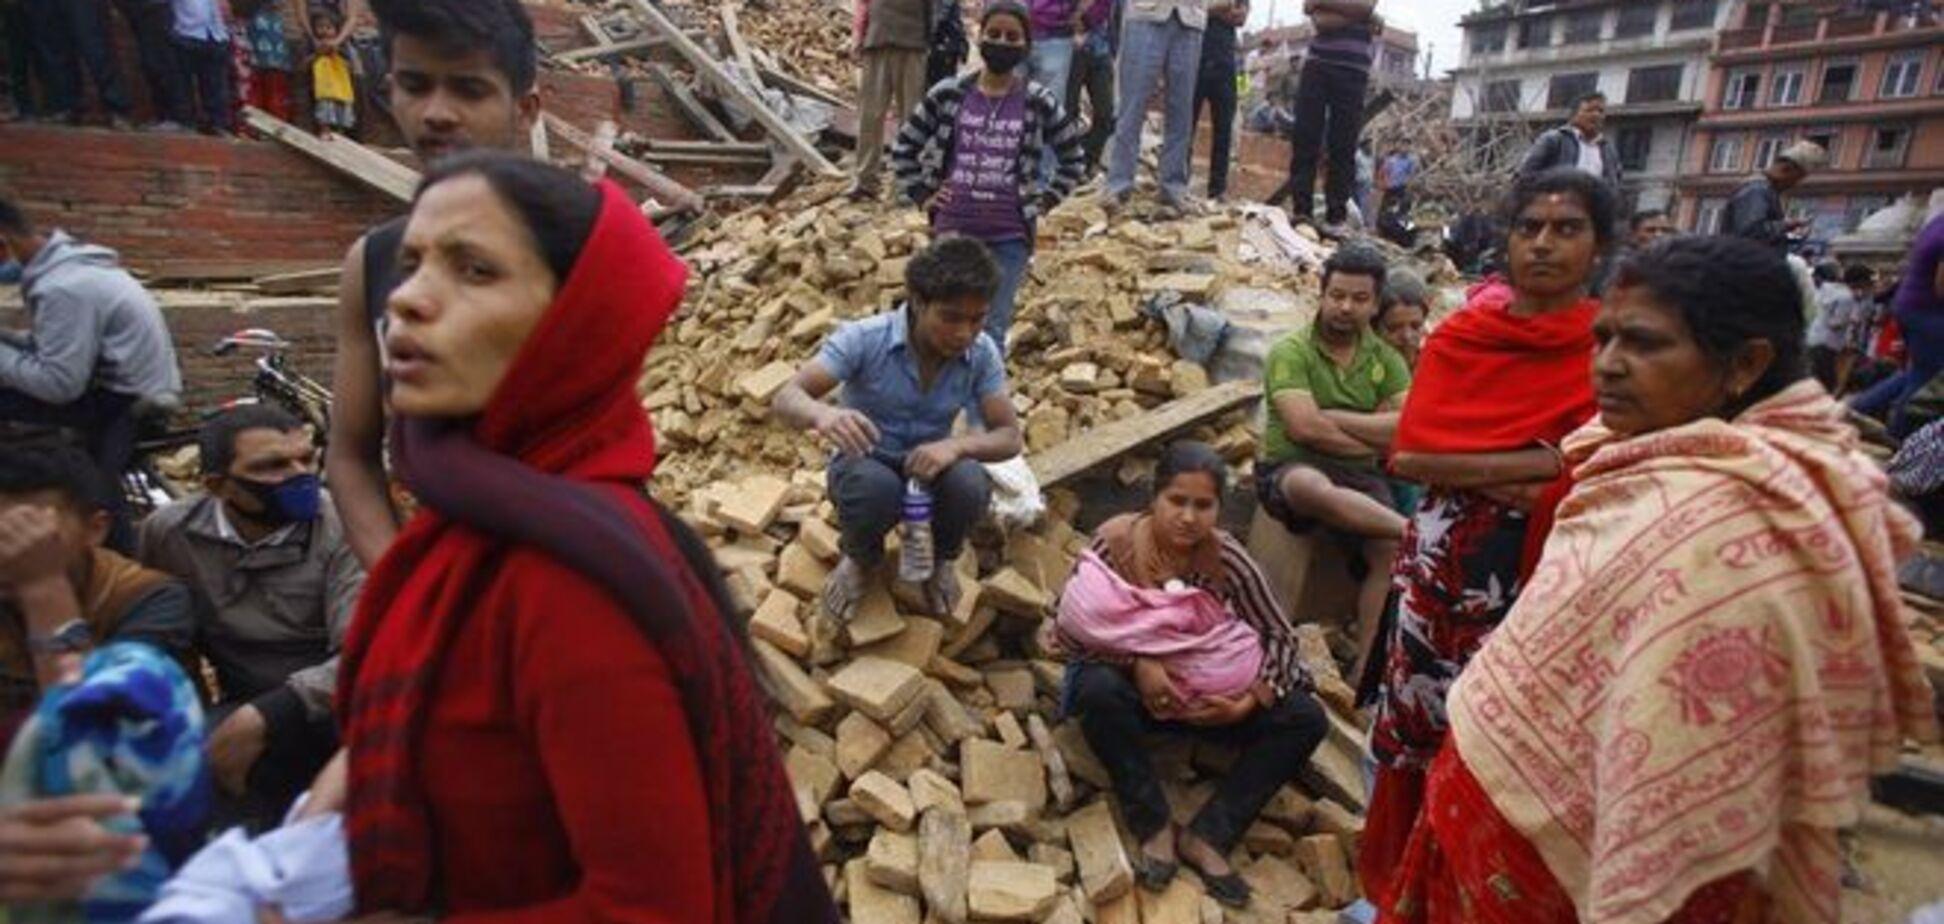 Спасшиеся украинцы не торопятся выезжать из Непала: живут в палатках, варят плов